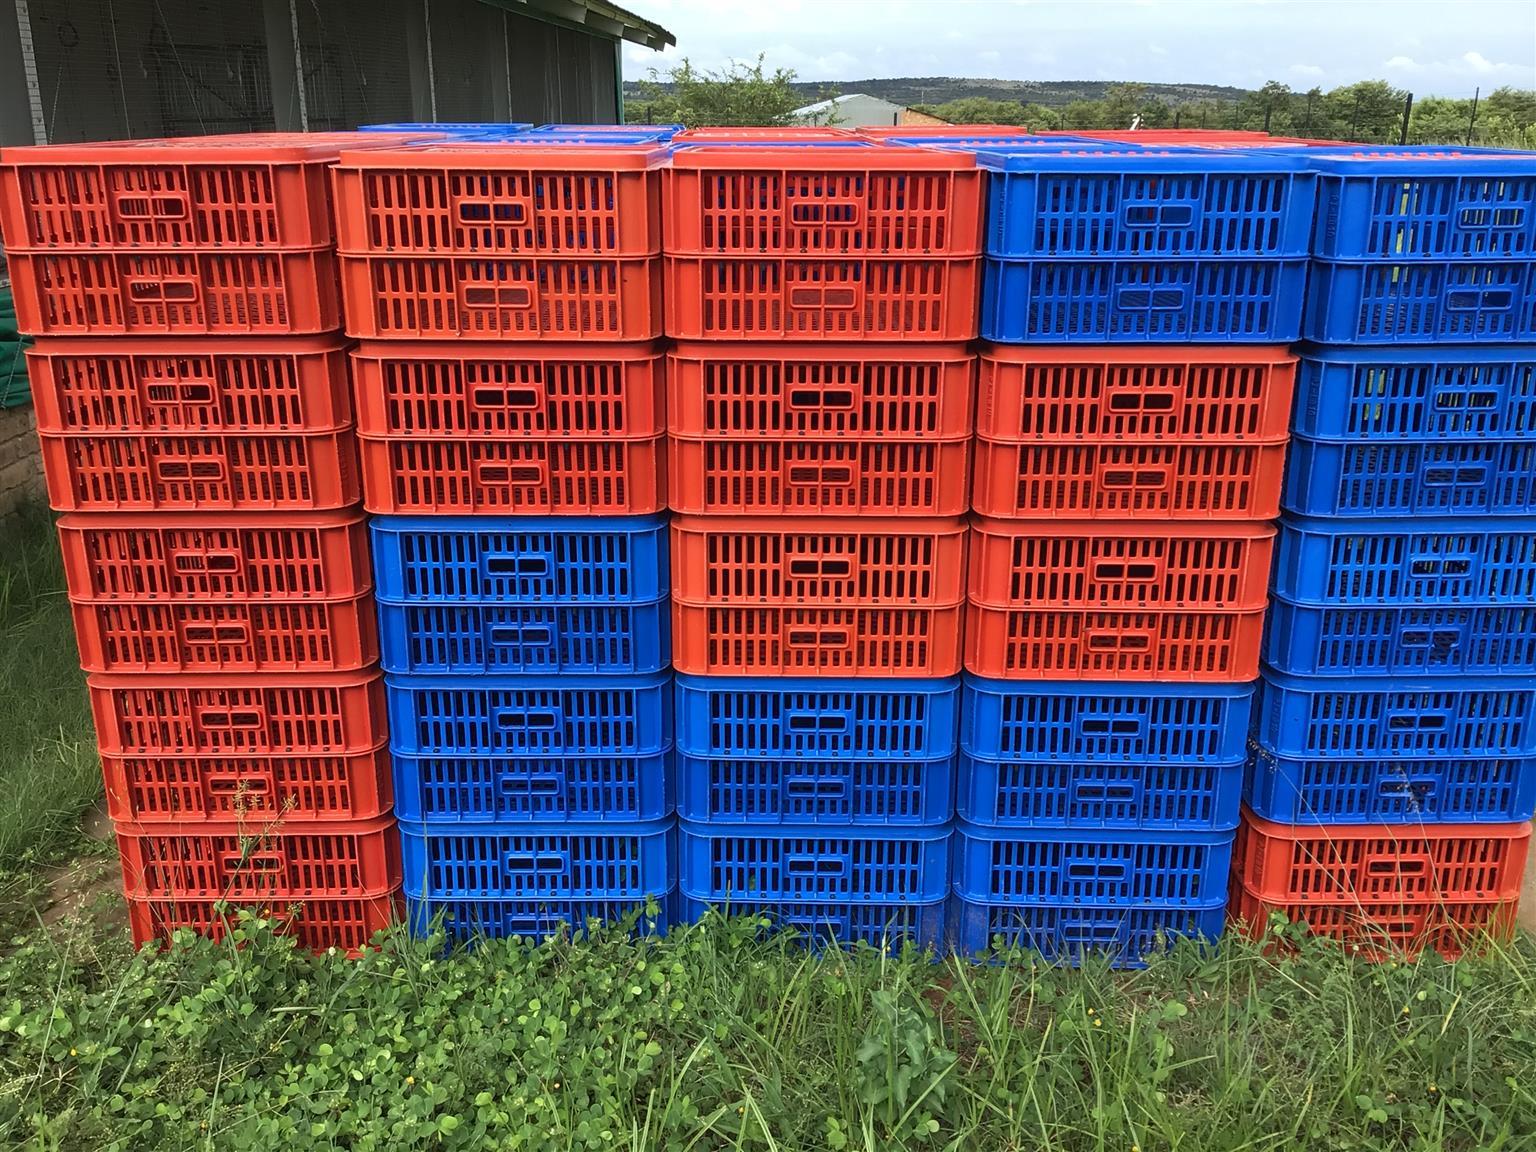 Chicken Crates